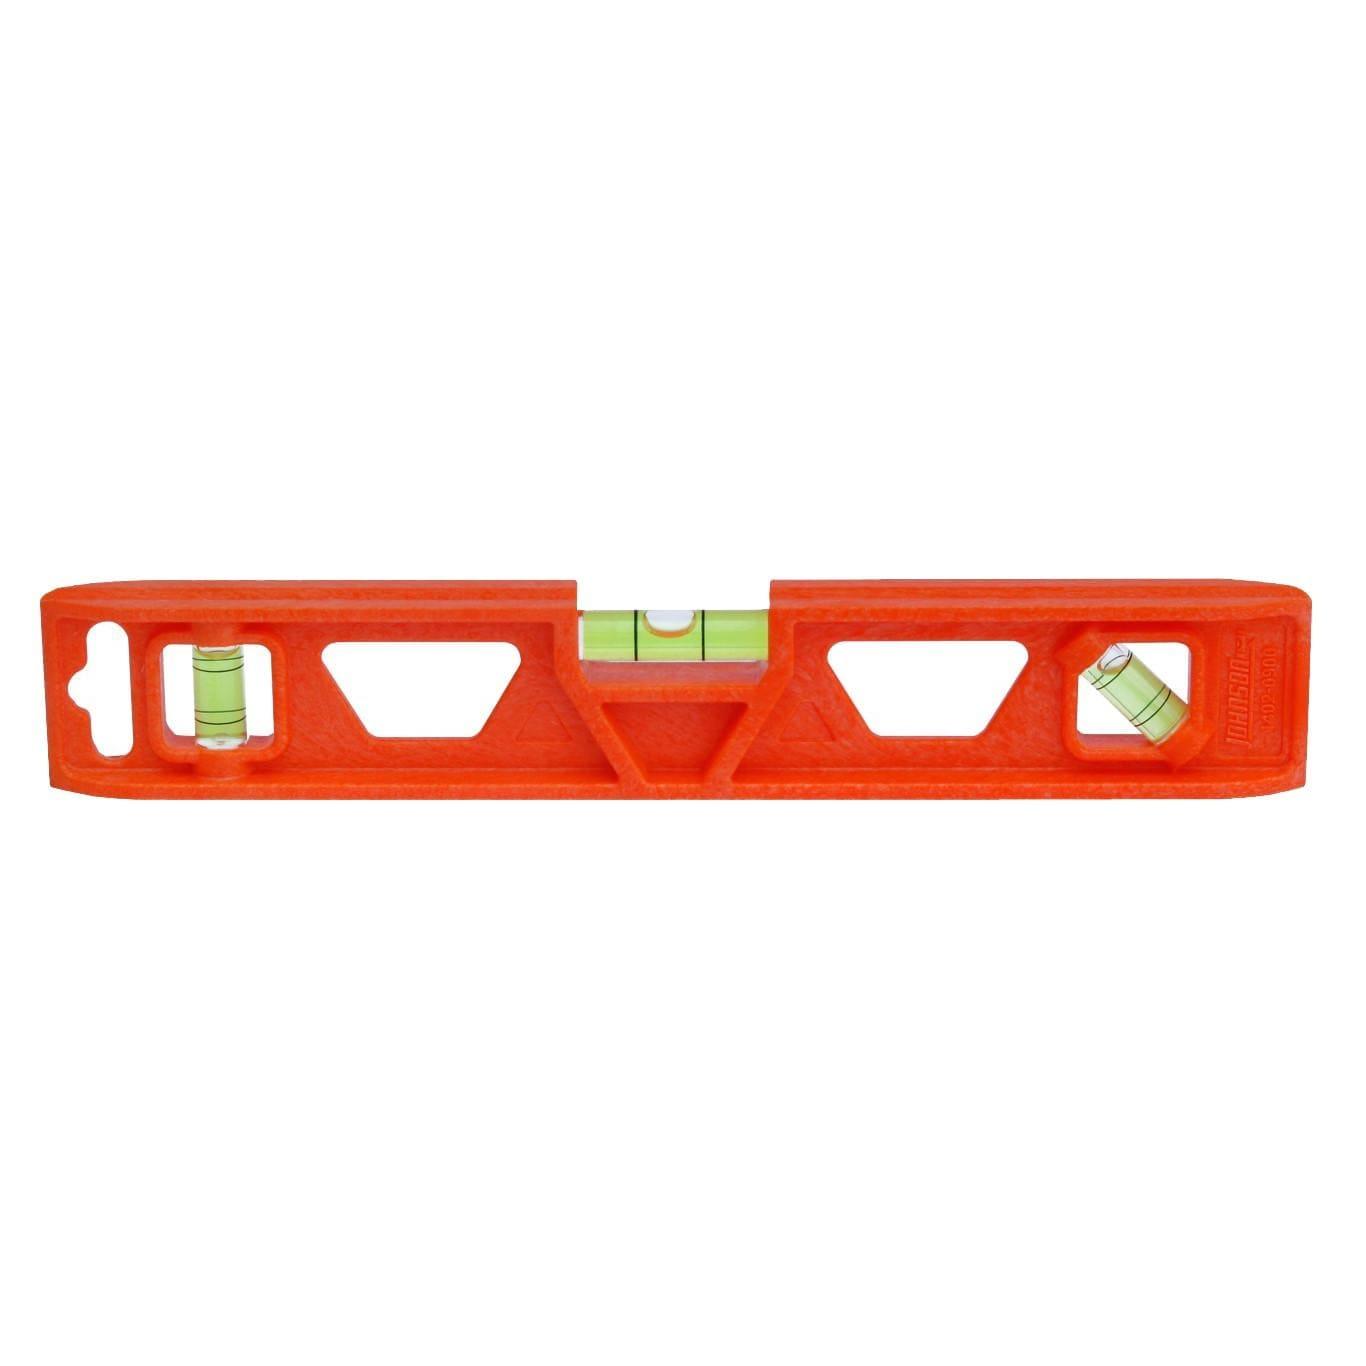 Johnson Level 1402-0900 Orange Structo-Cast Torpedo Level, 9, 3-Vial